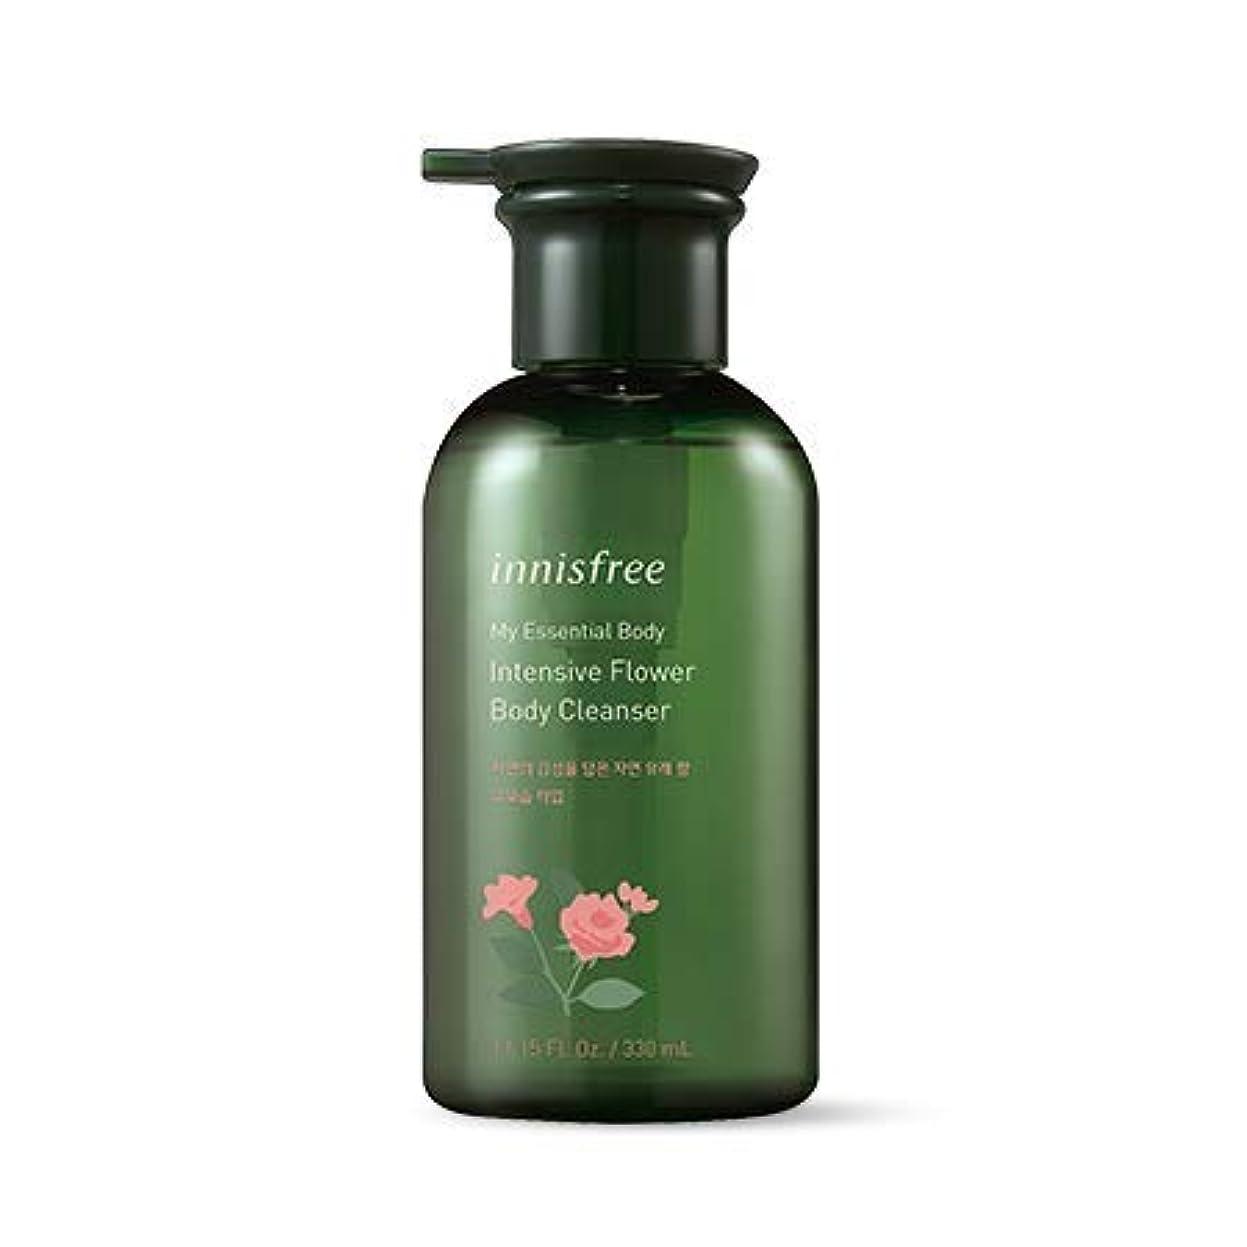 不格好おびえた排除する[イニスフリー.innisfree]マイエッセンシャルボディインテンシブフラワーボディクレンザー330mL)2019 new)/ My Essential Body Intensive Flower Body Cleanser